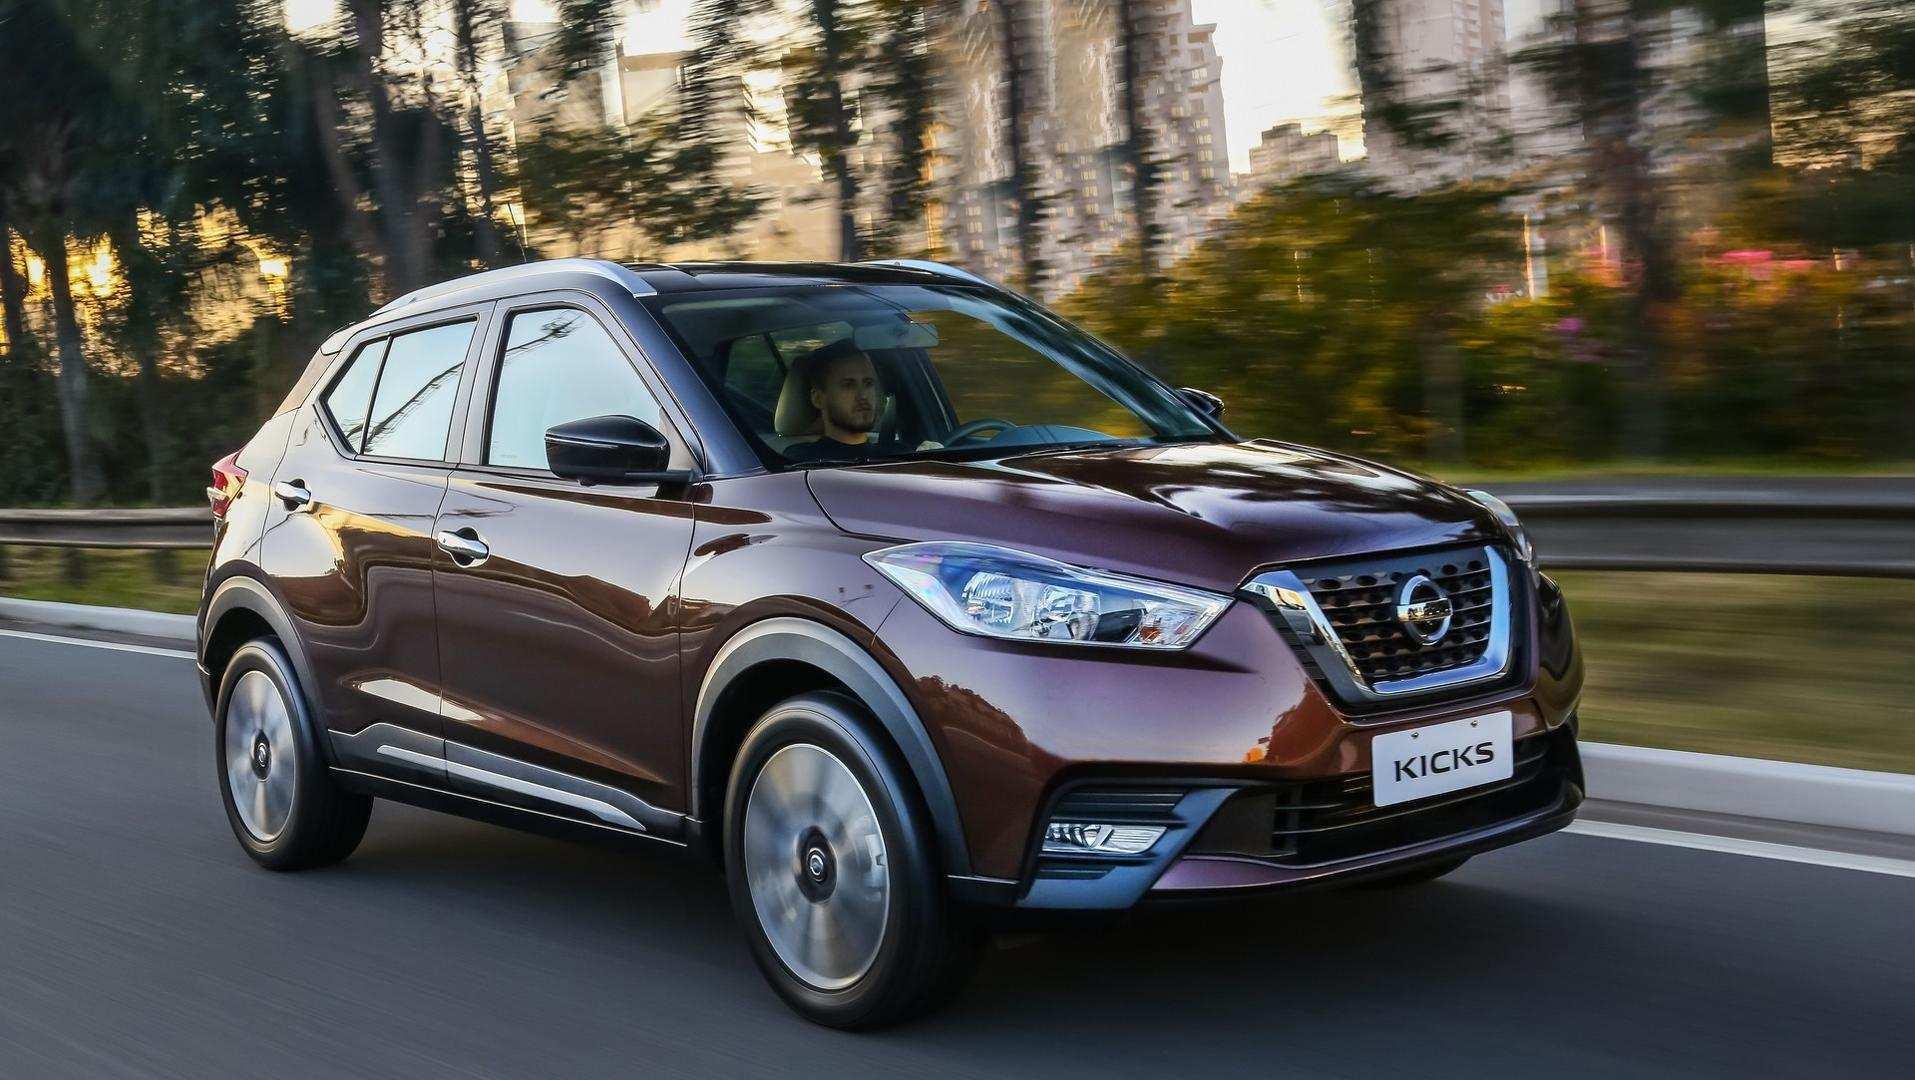 76 All New Nissan Kicks 2020 Lançamento Reviews for Nissan Kicks 2020 Lançamento